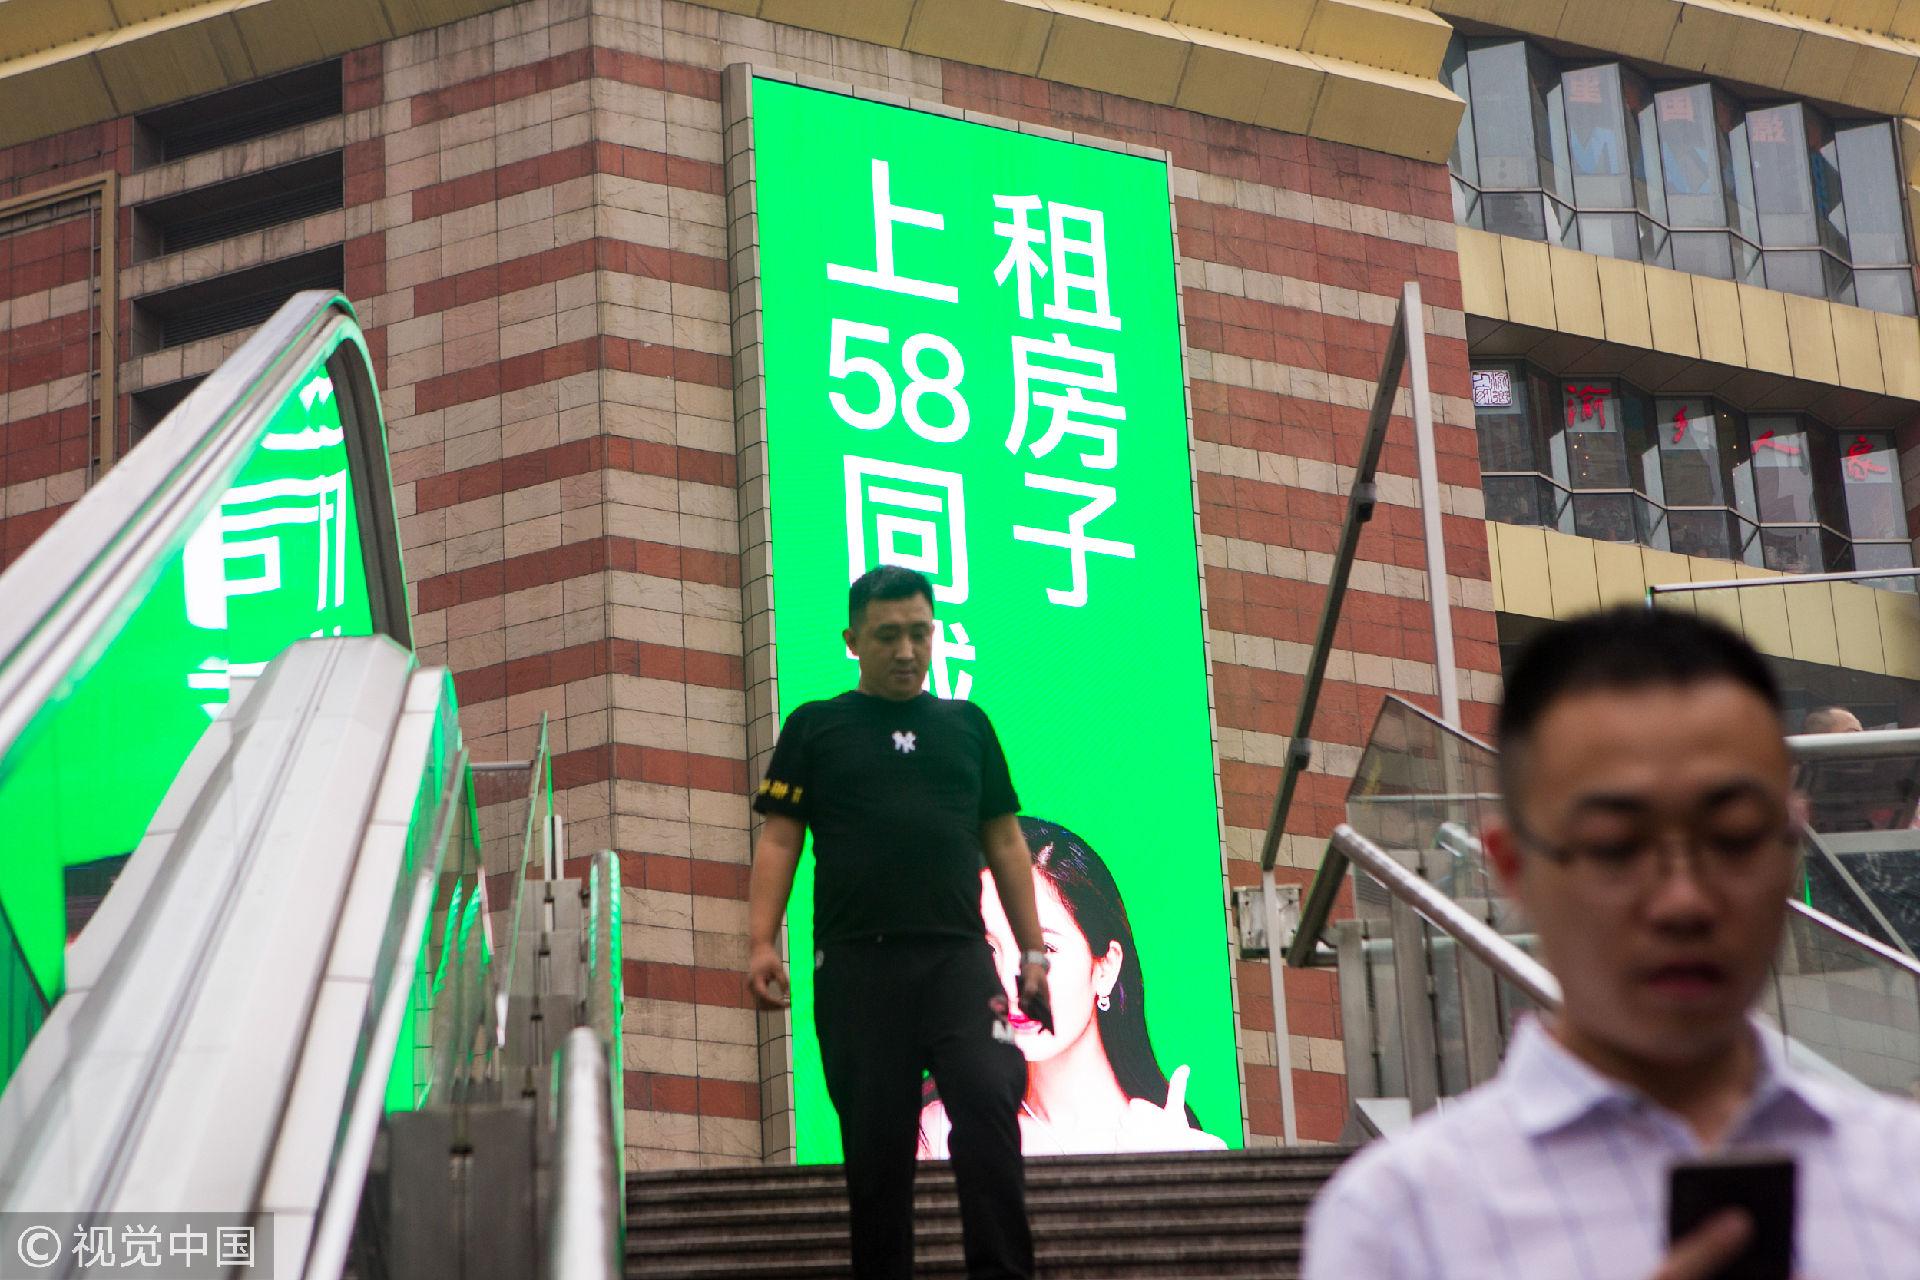 北京市住建委:责令58集团旗下多款产品暂停发布北京房源